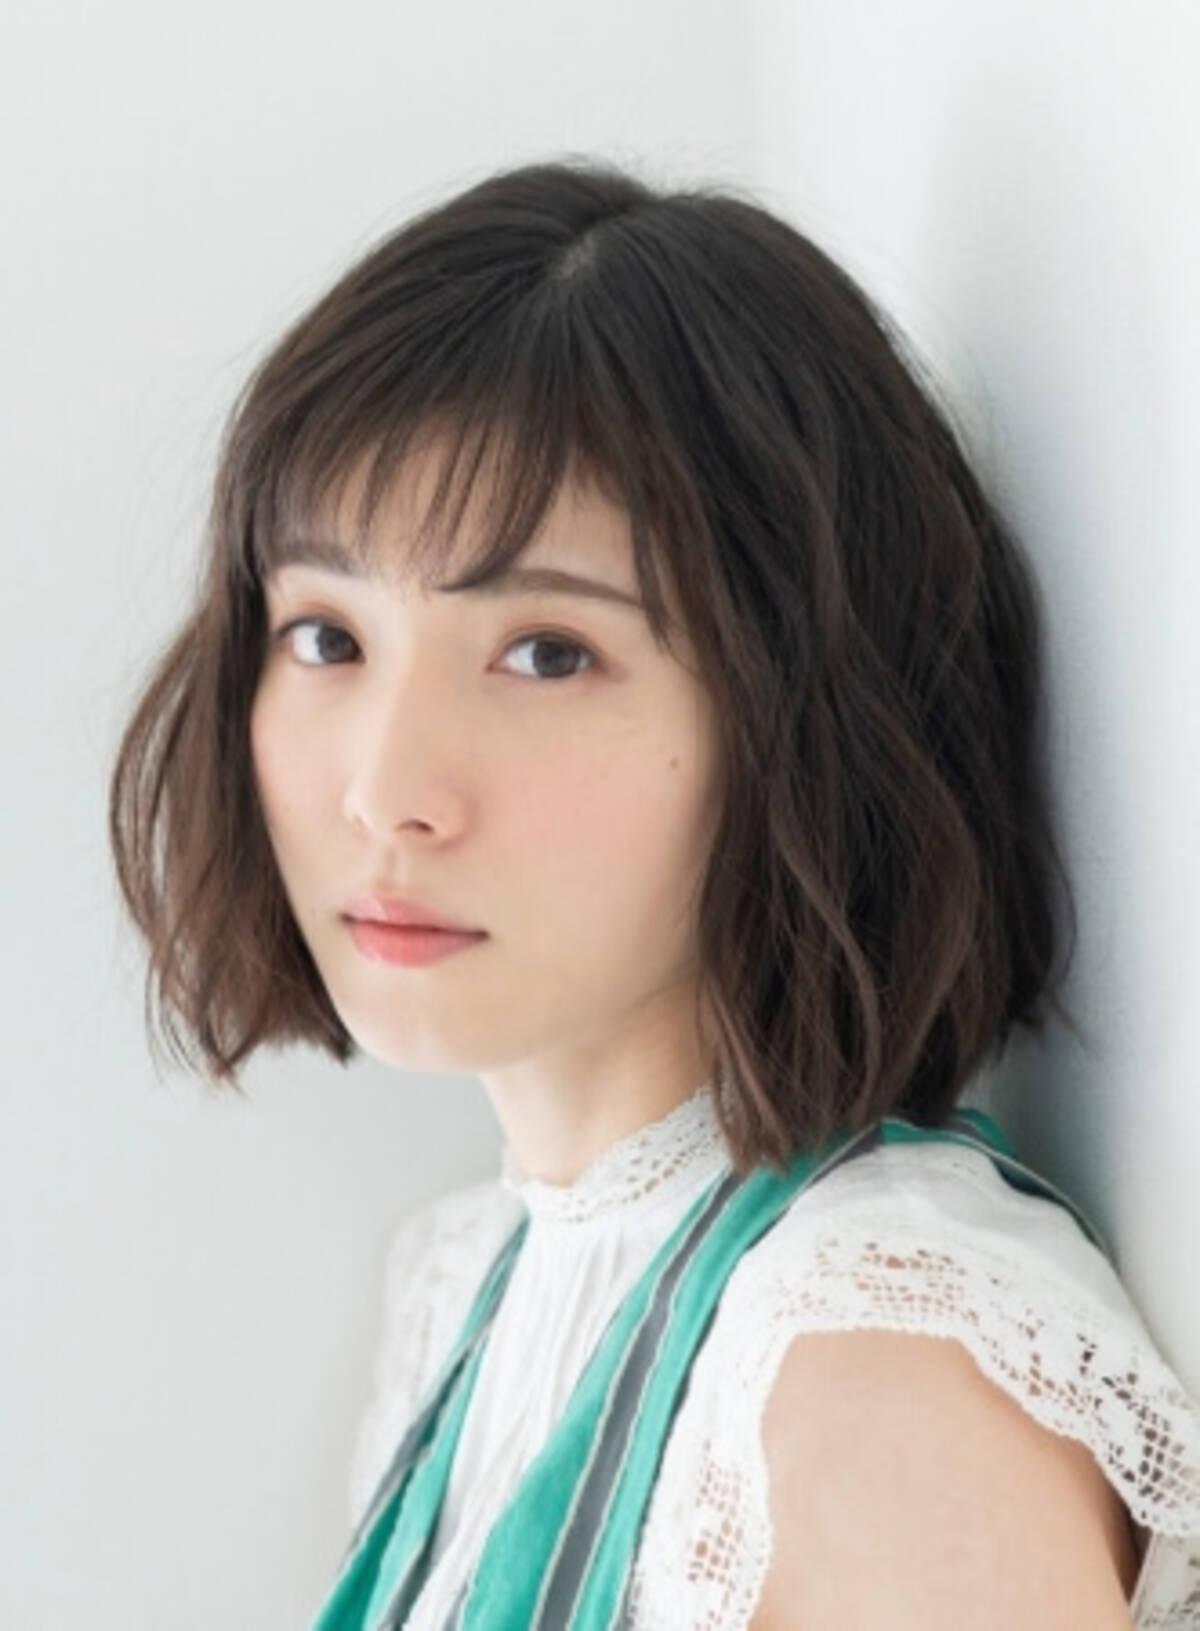 「松岡茉優の妹」の画像検索結果